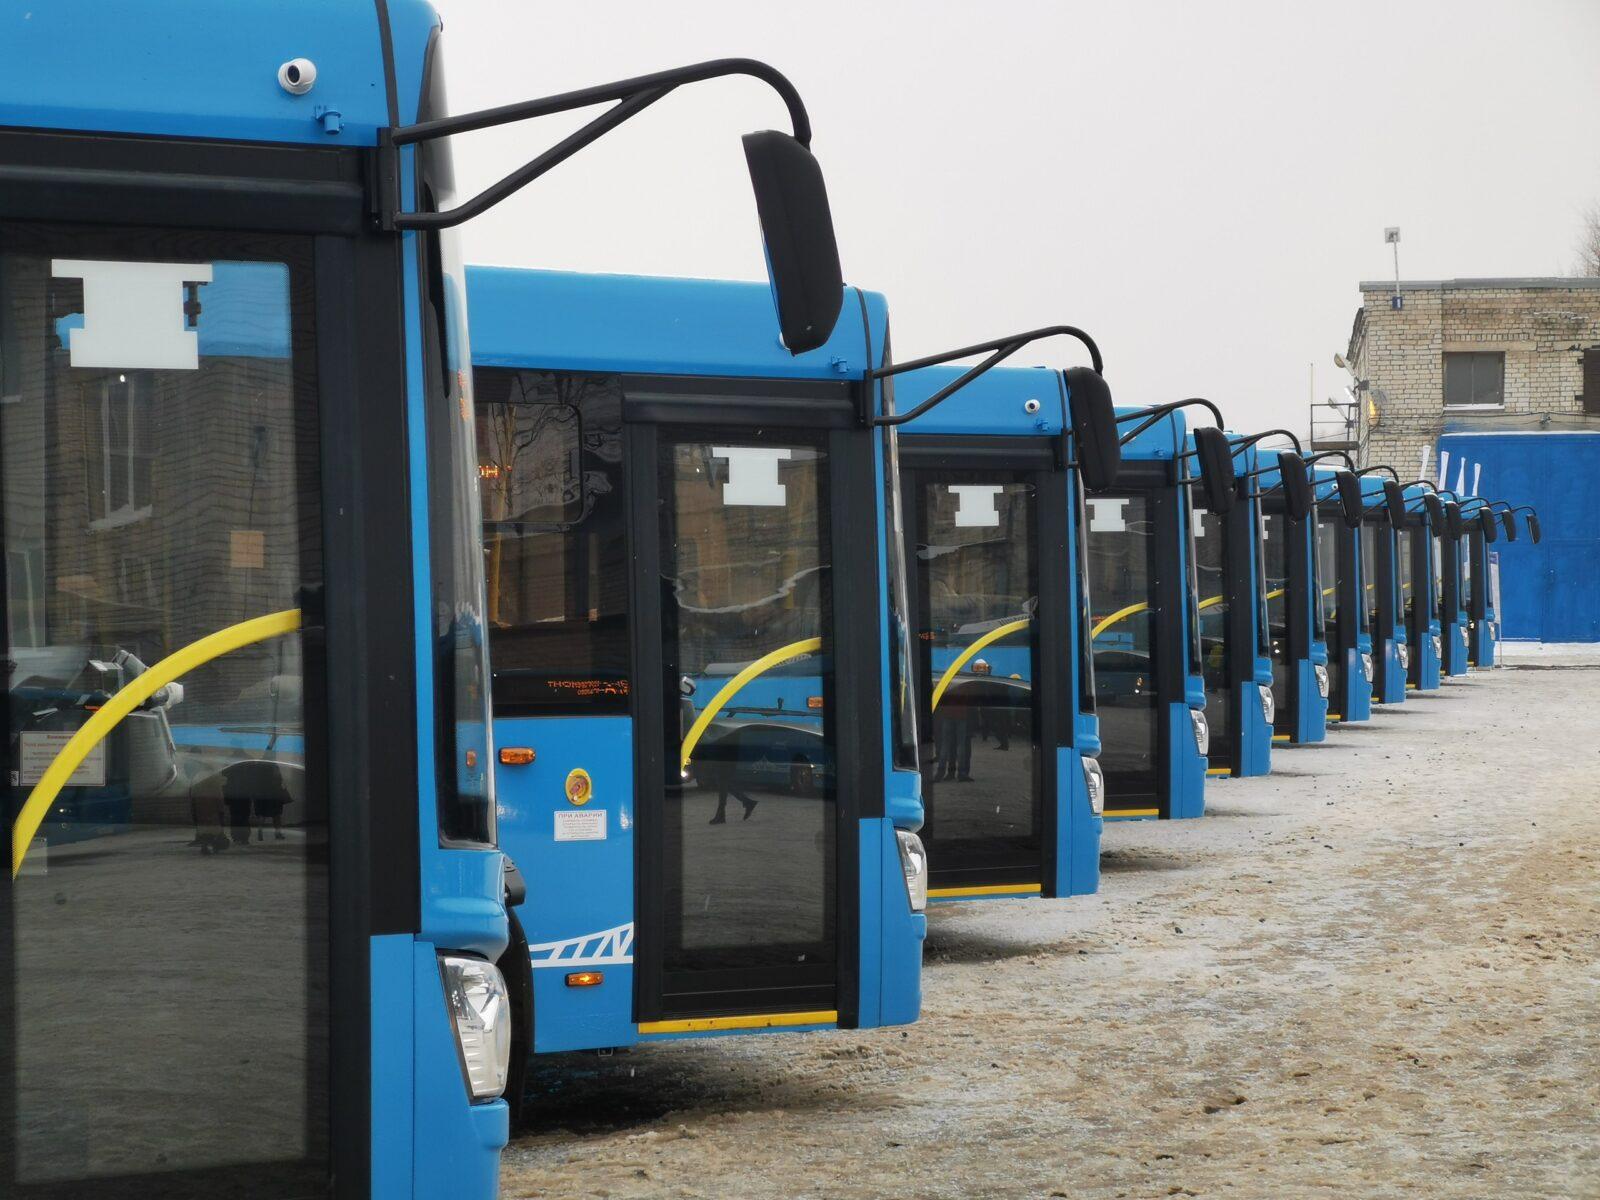 В Твери продолжается набор водителей с зарплатой от 45 тысяч рублей